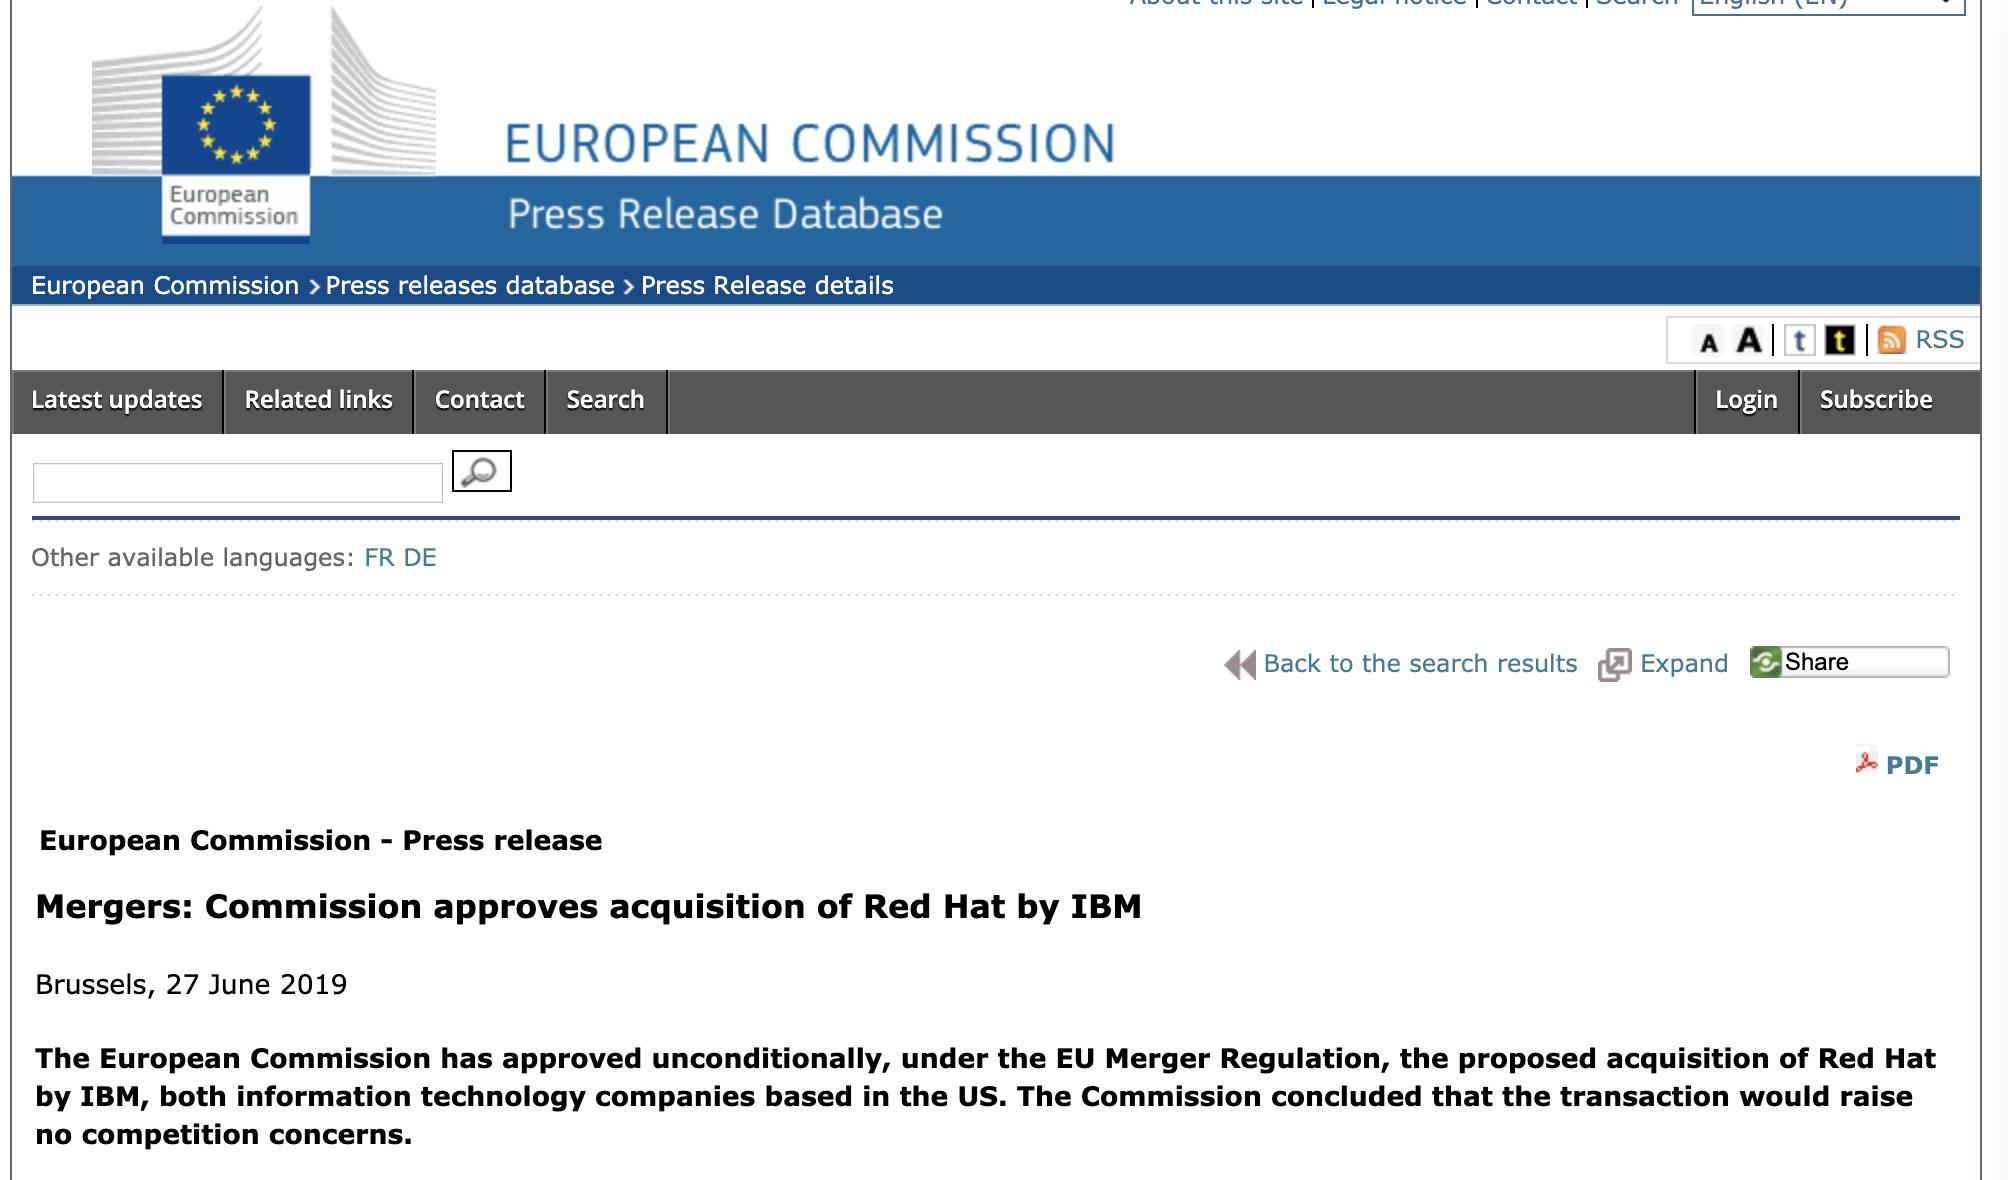 6月27日,欧盟发布公告称欧盟委员会已经无条件准许IBM收购红帽